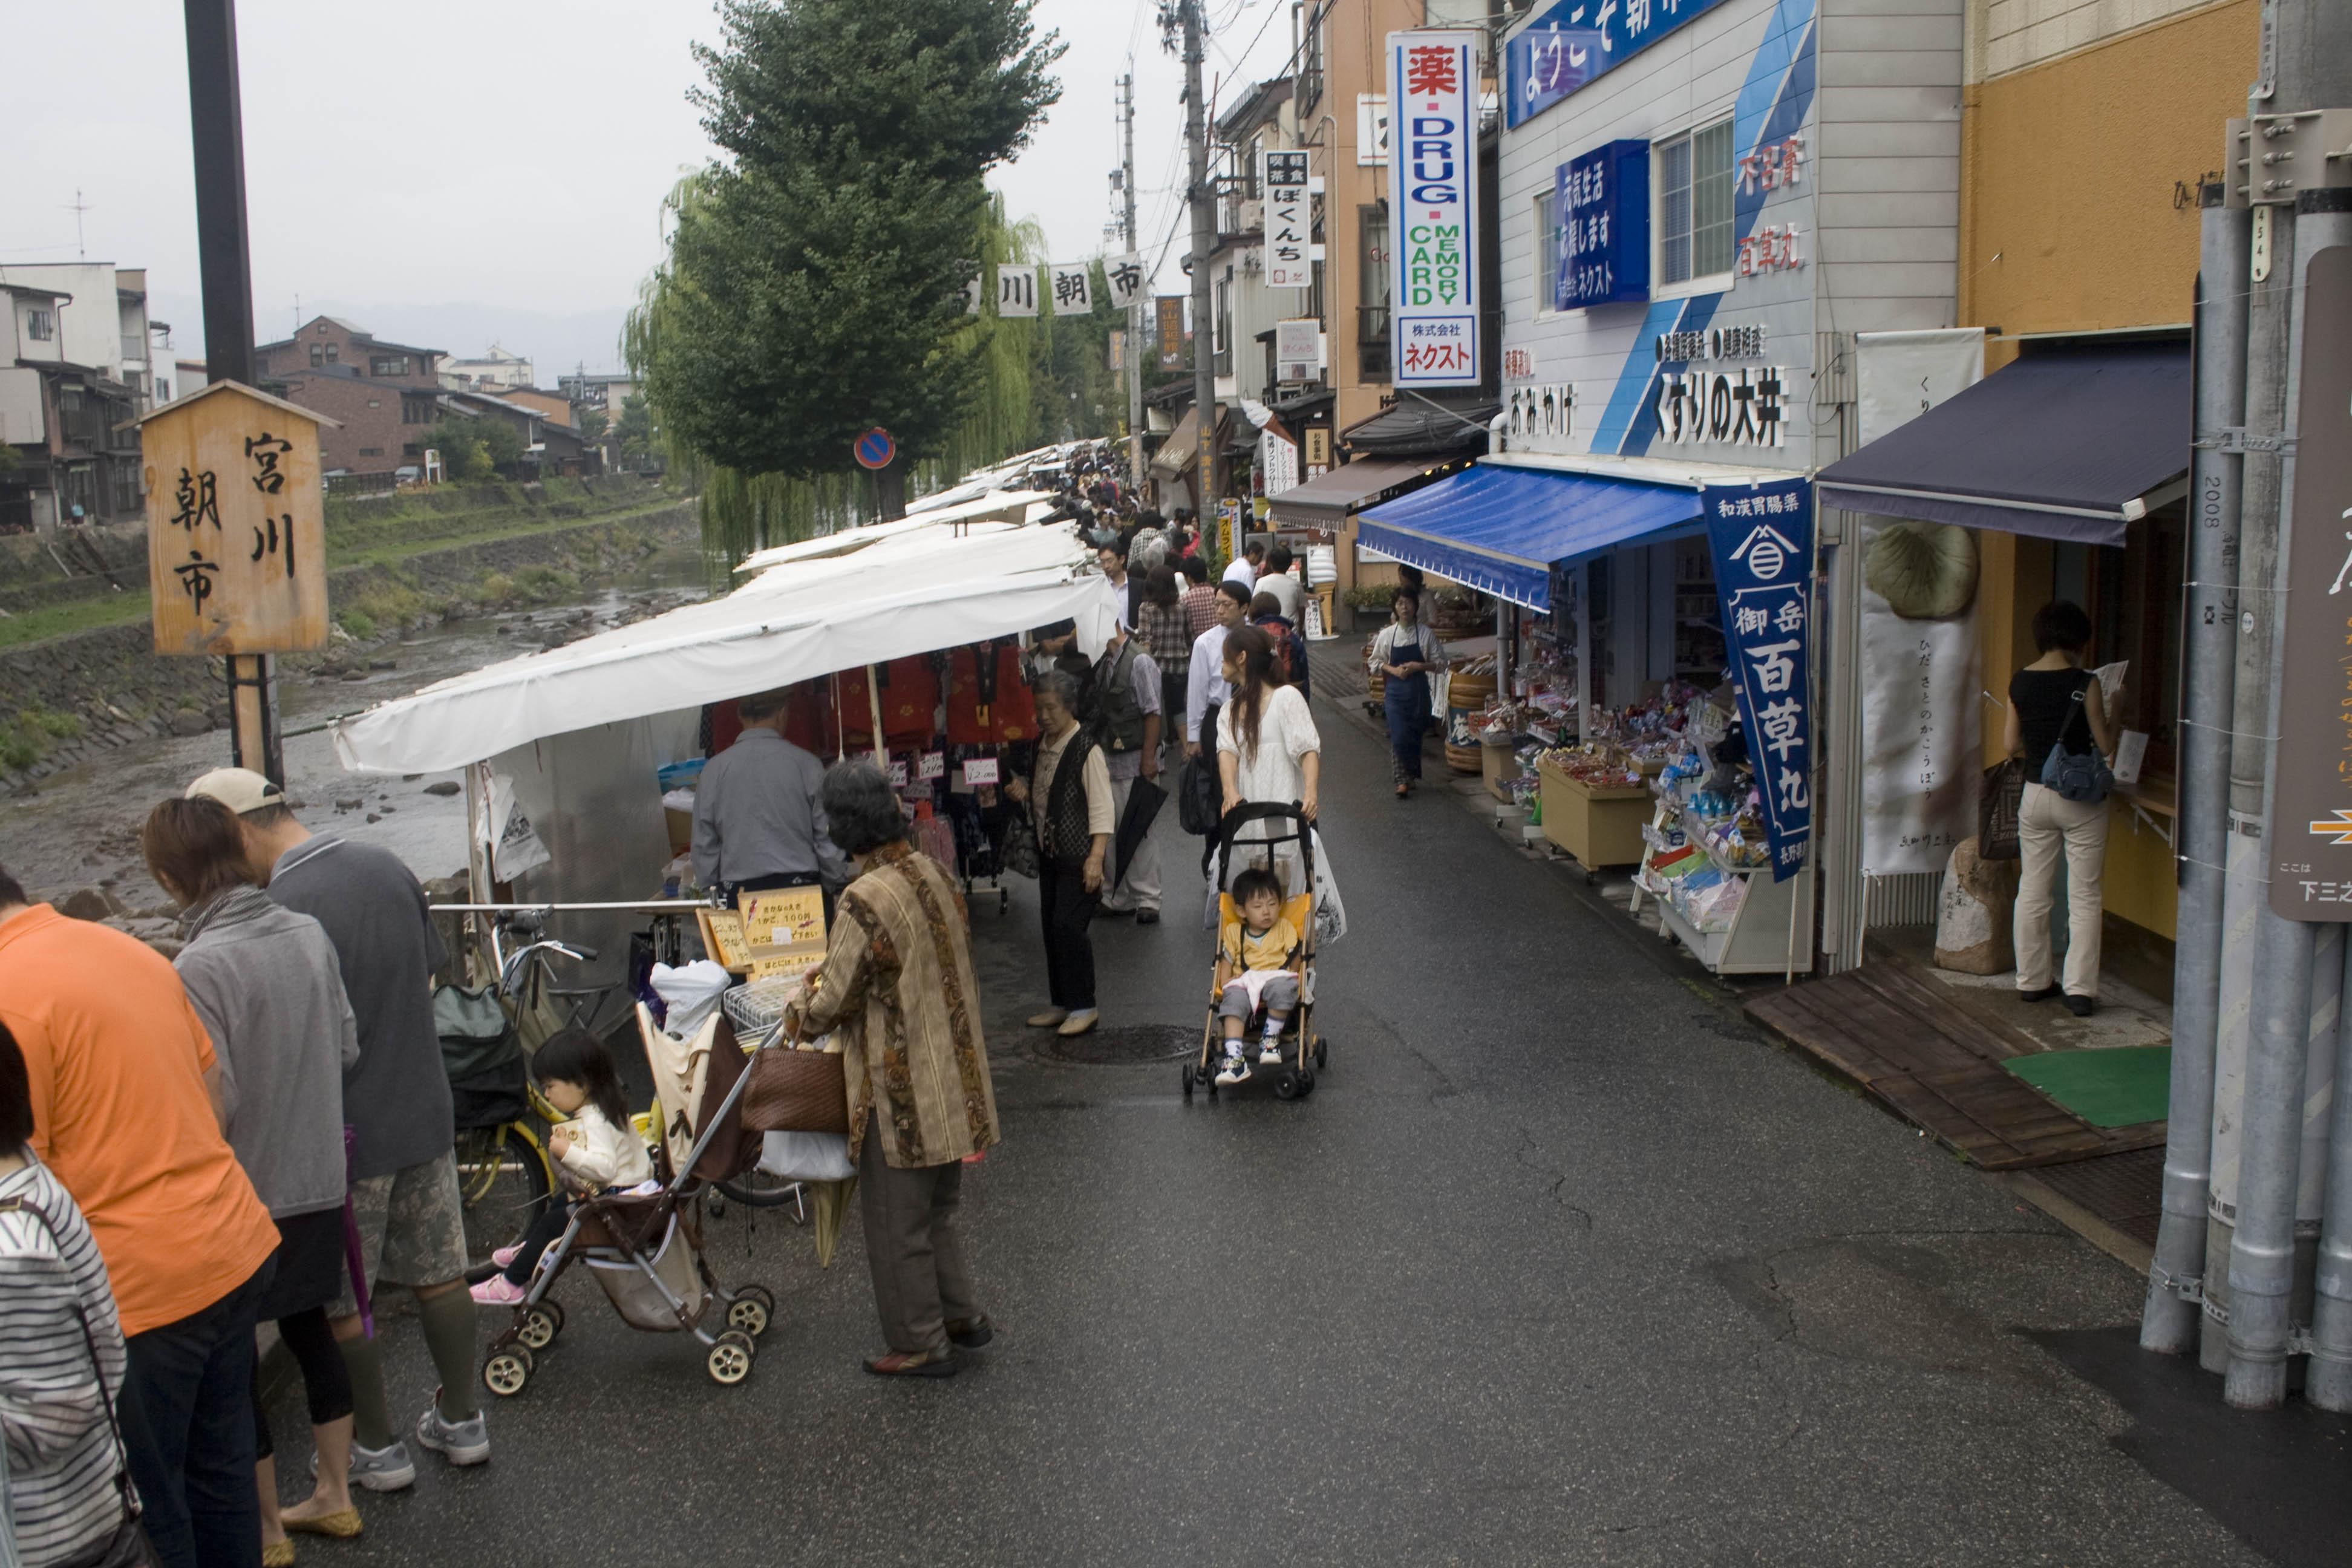 10 ตลาดญี่ปุ่นที่น่าสนใจ-ตลาดเช้าทาคายาม่า